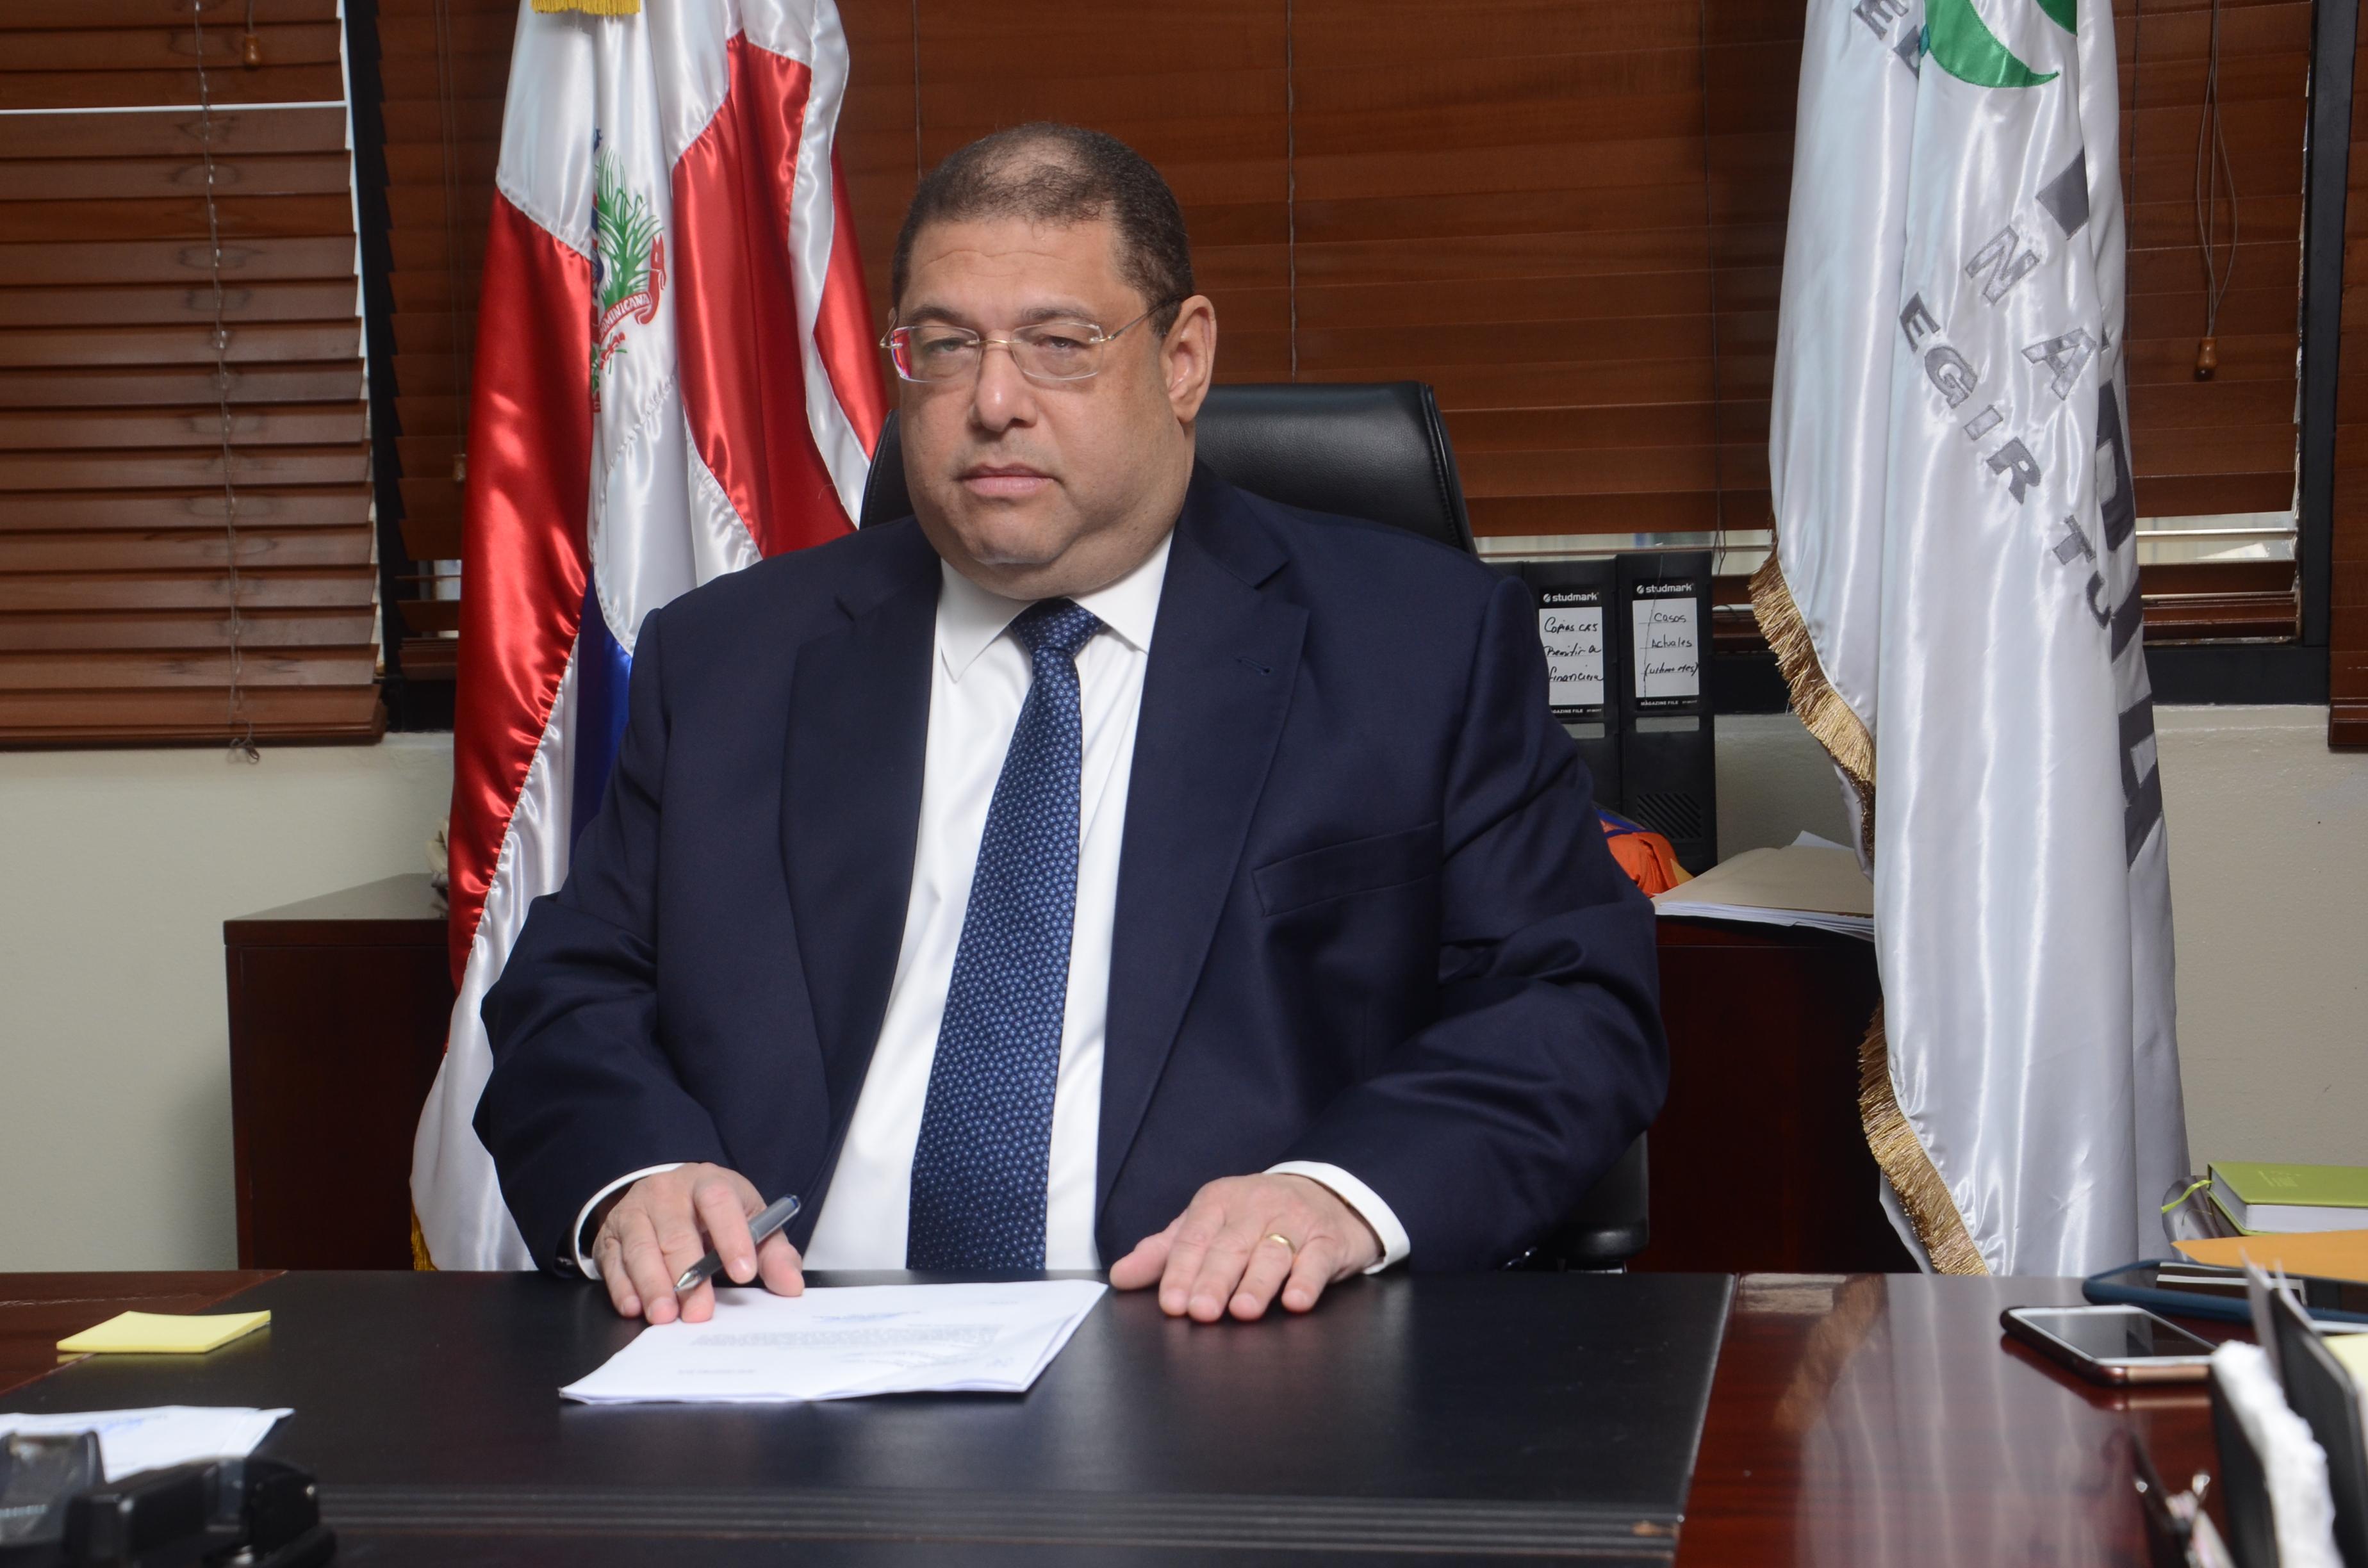 Lotería Nacional advierte sobre creación de perfiles falsos del nuevo administrador